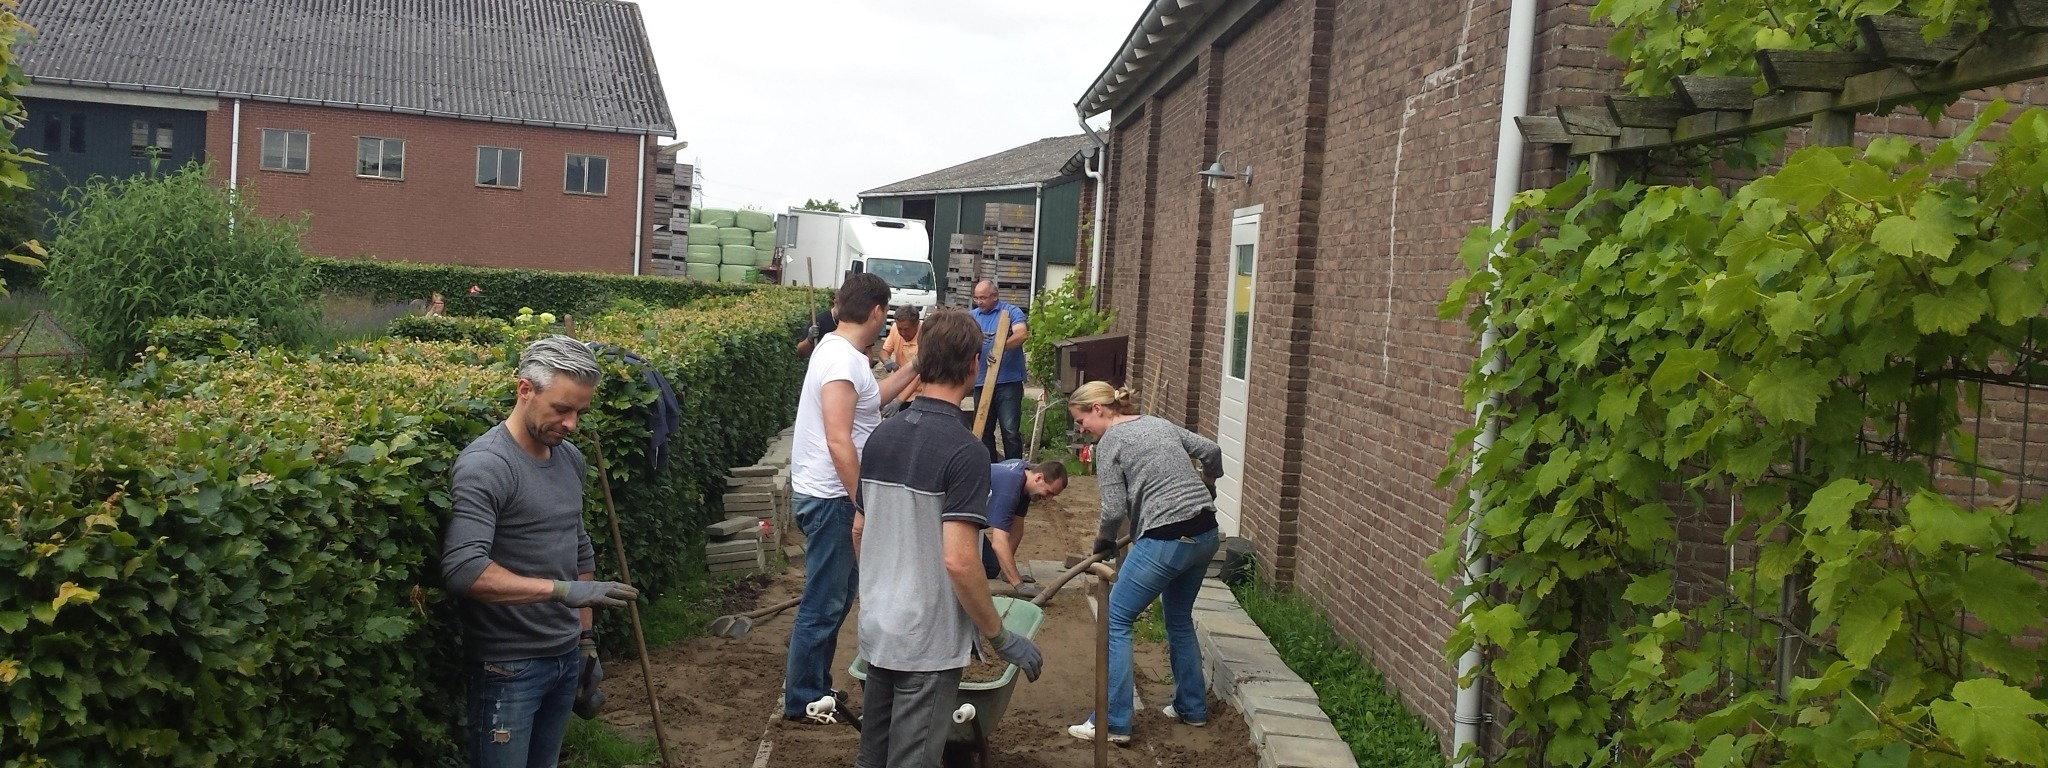 teambuilding-eindhoven-maatschappelijkverantwoord